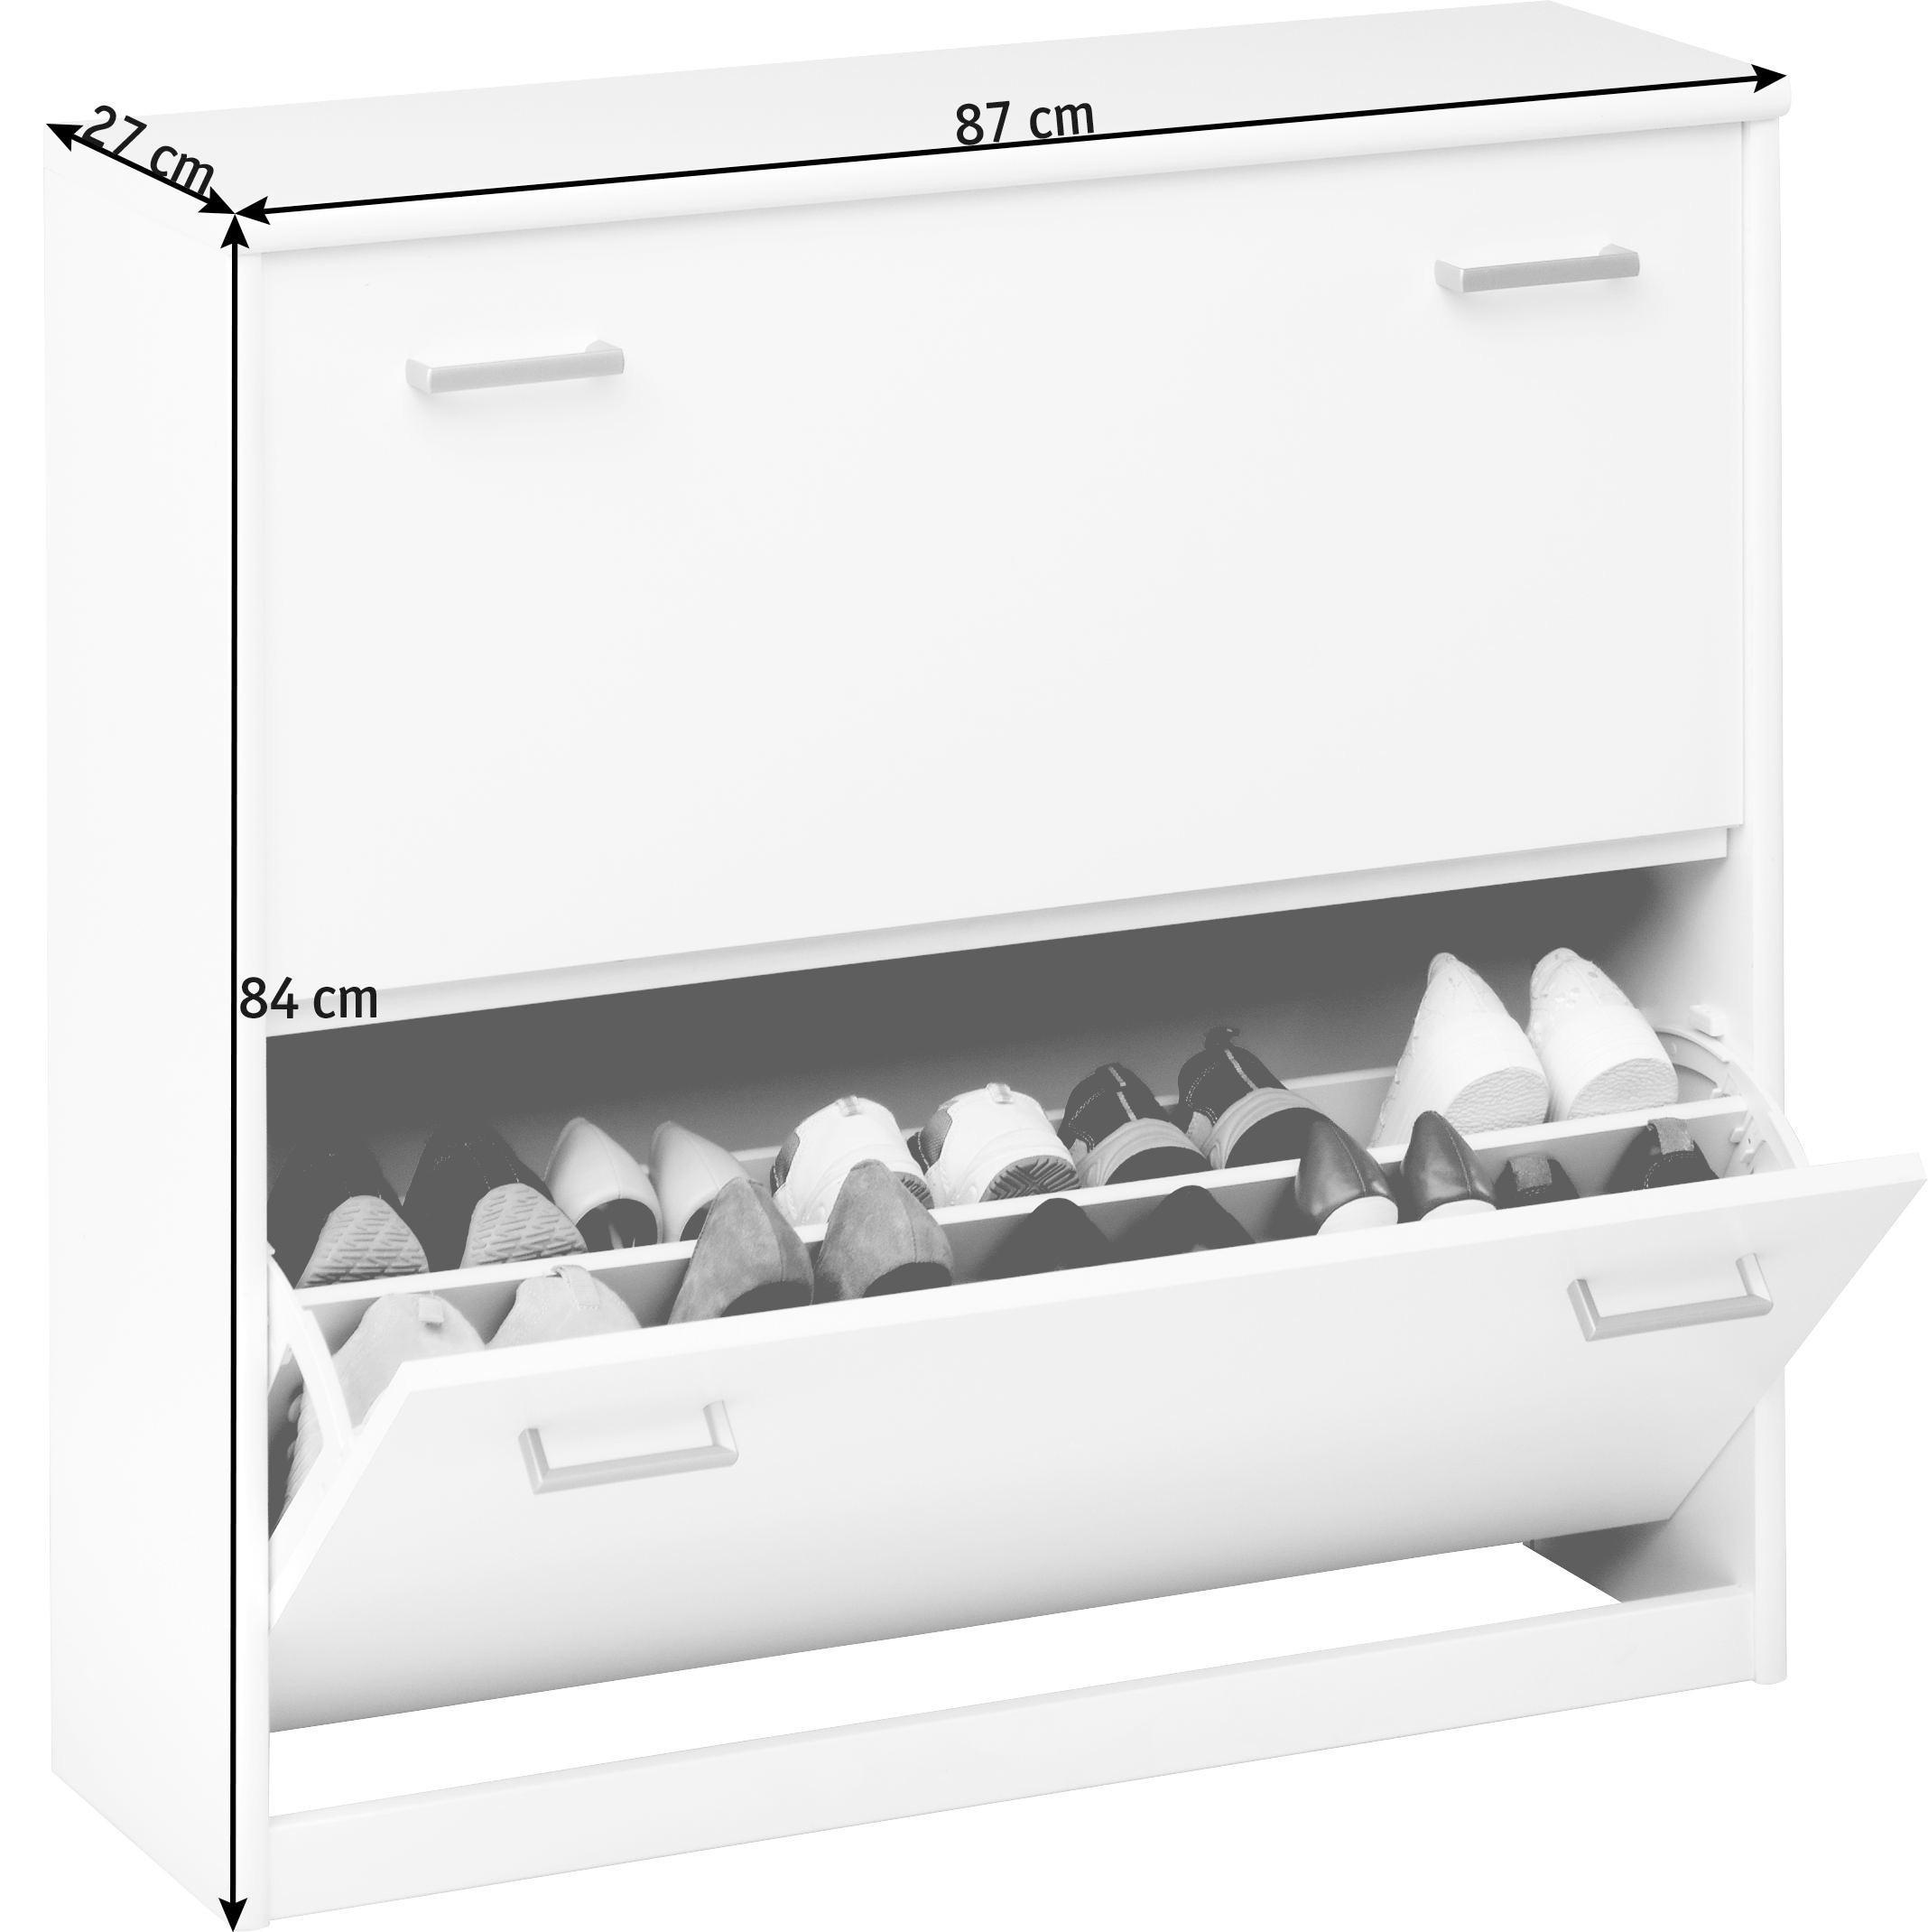 SCHUHKIPPER Weiß - Silberfarben/Weiß, Design, Kunststoff (87/84/27cm) - CS SCHMAL